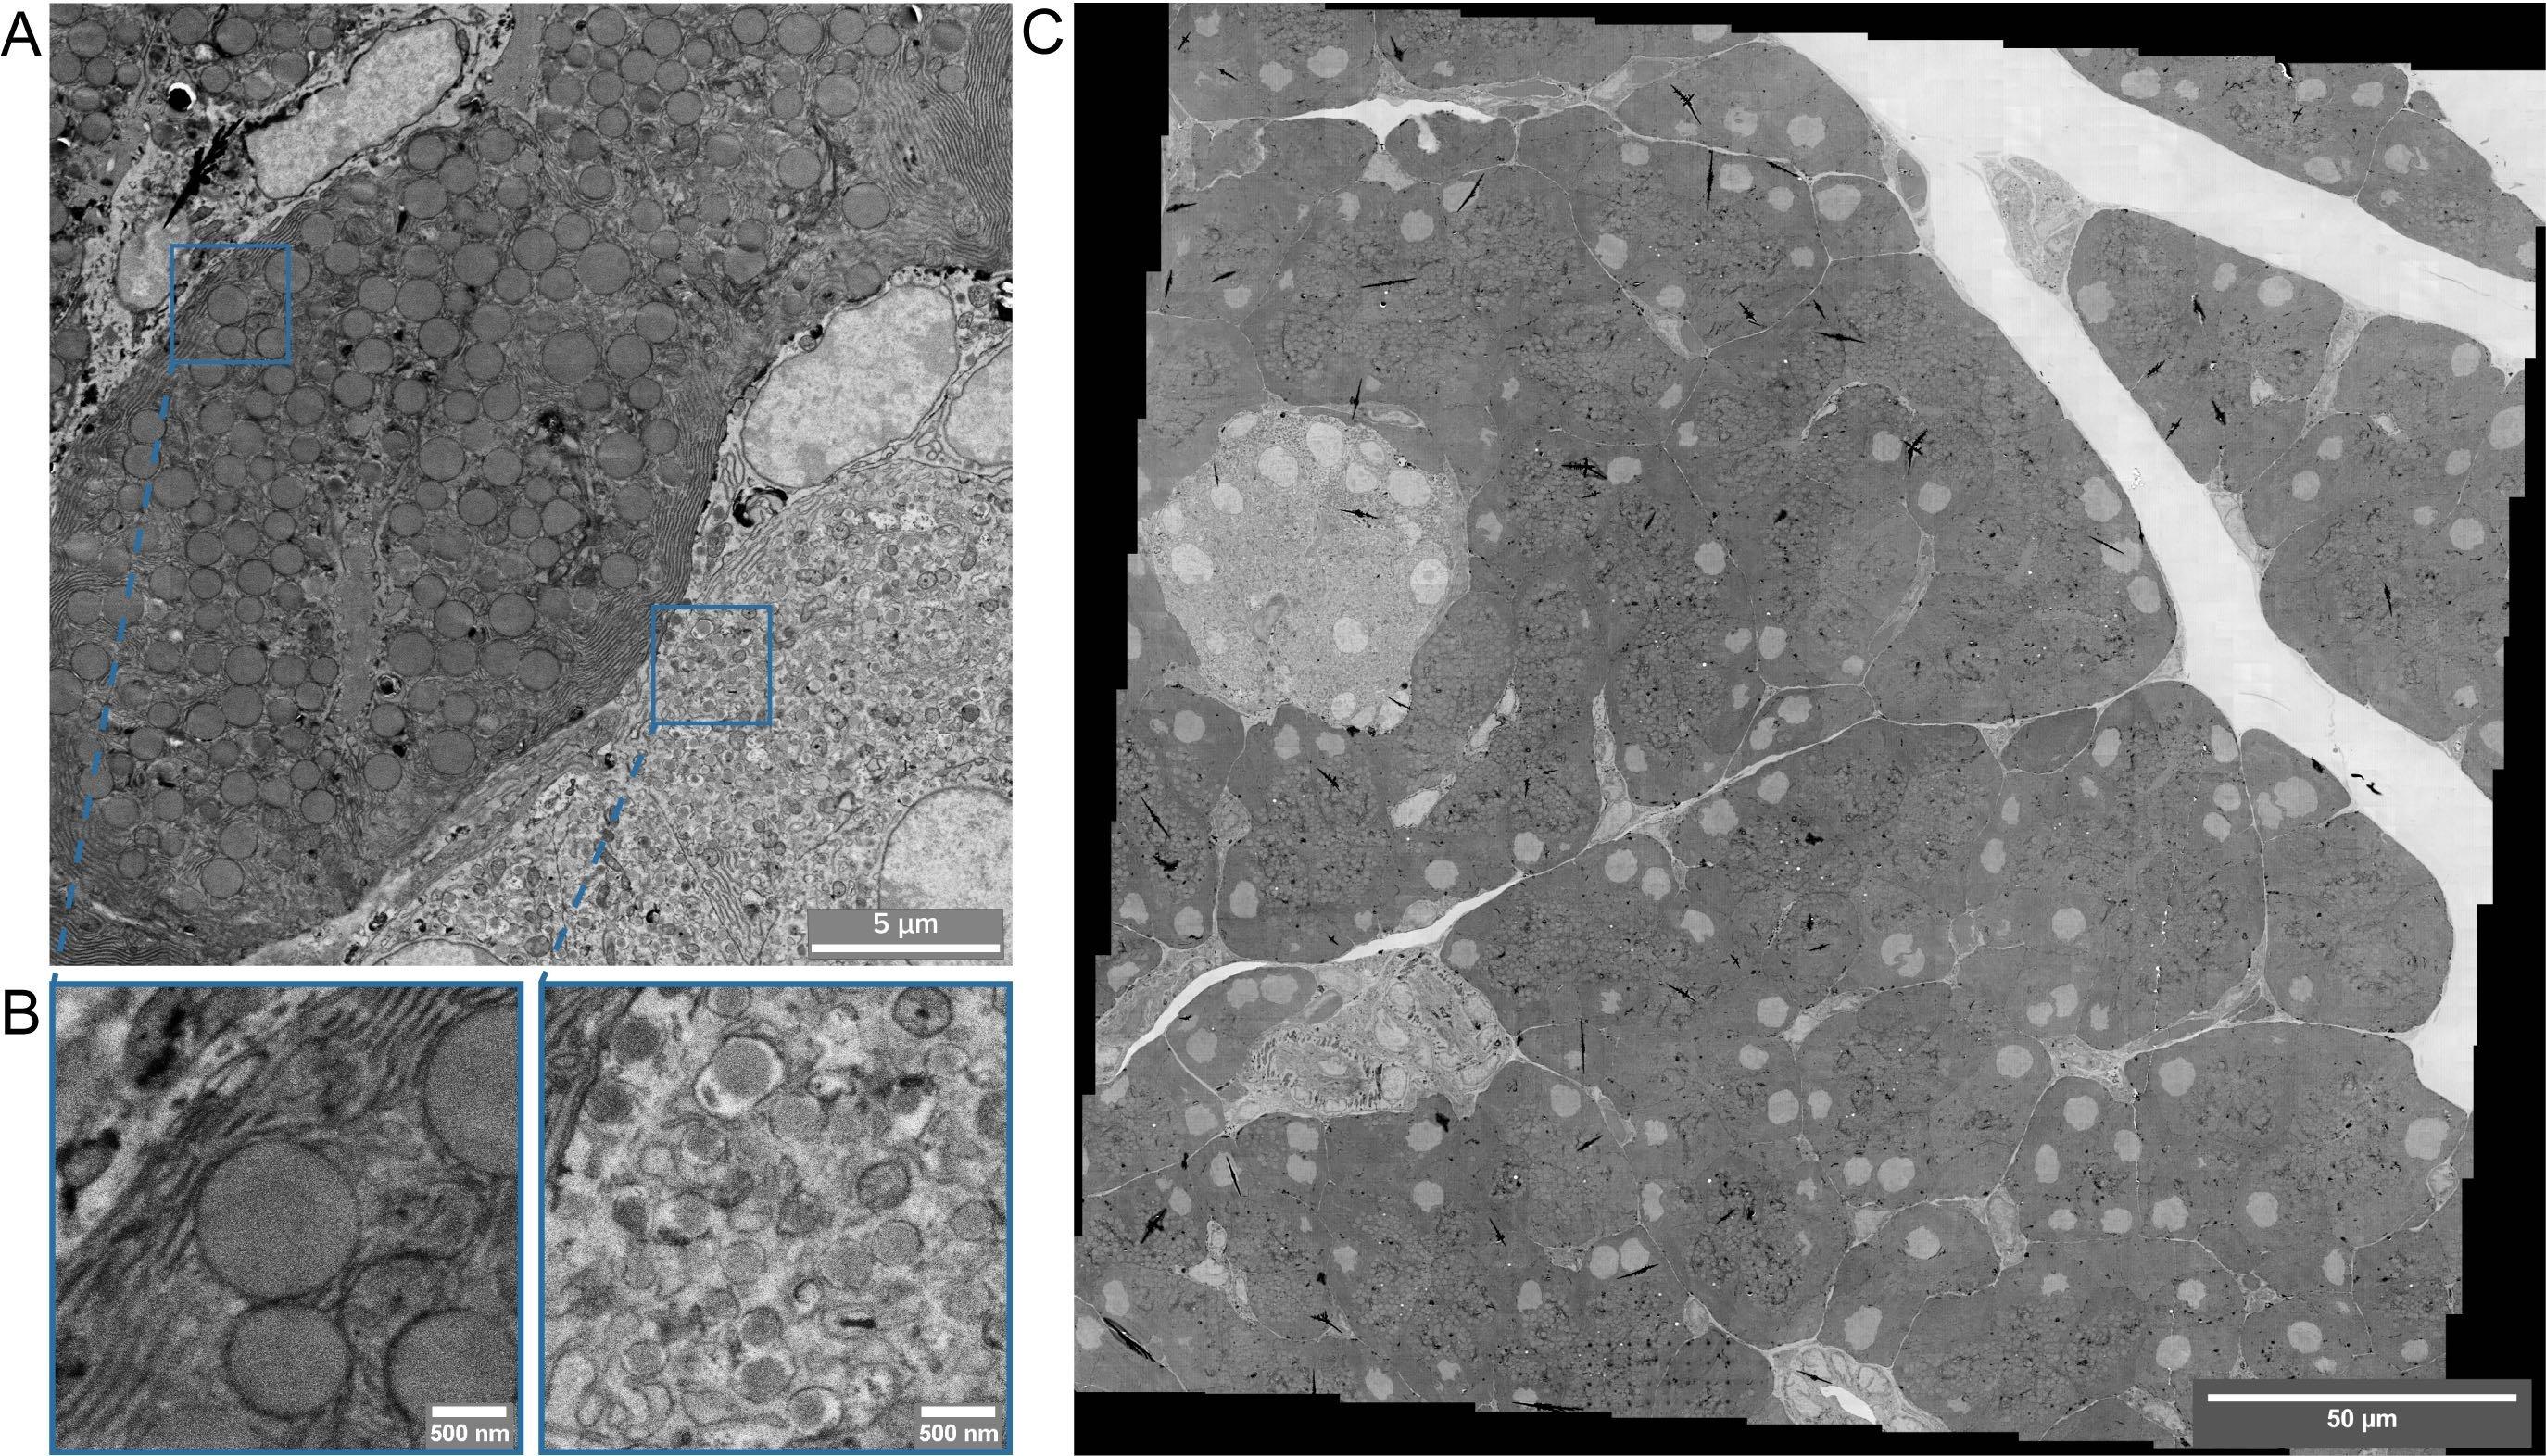 Figure2_Cell_Field_Megafield_elmi